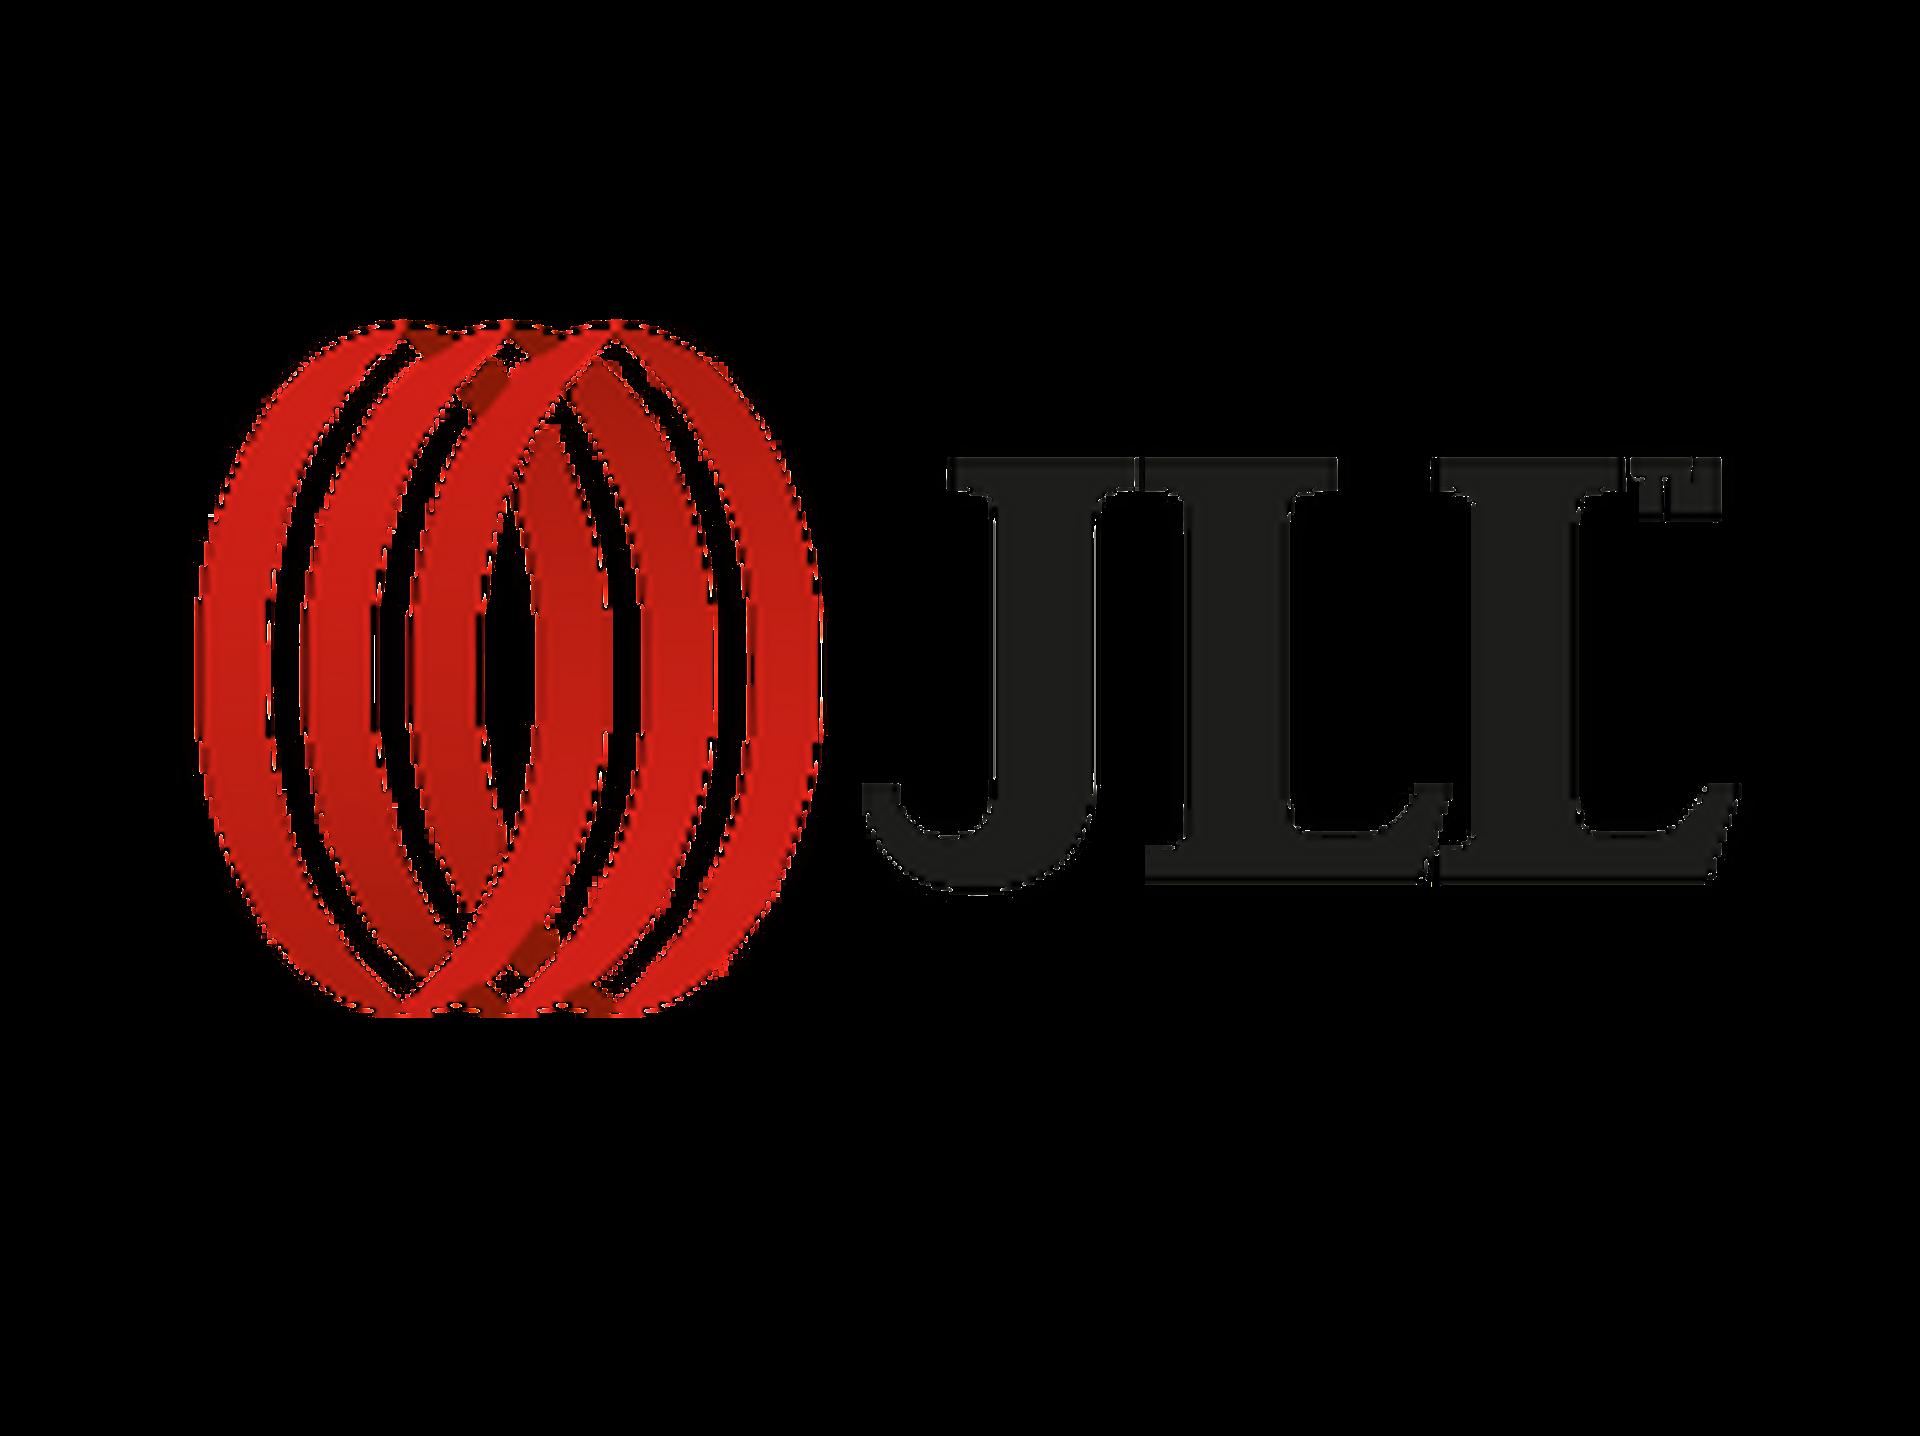 [Polska] Polski rynek magazynowy przekroczył granicę 10 milionów metrów kwadratowych